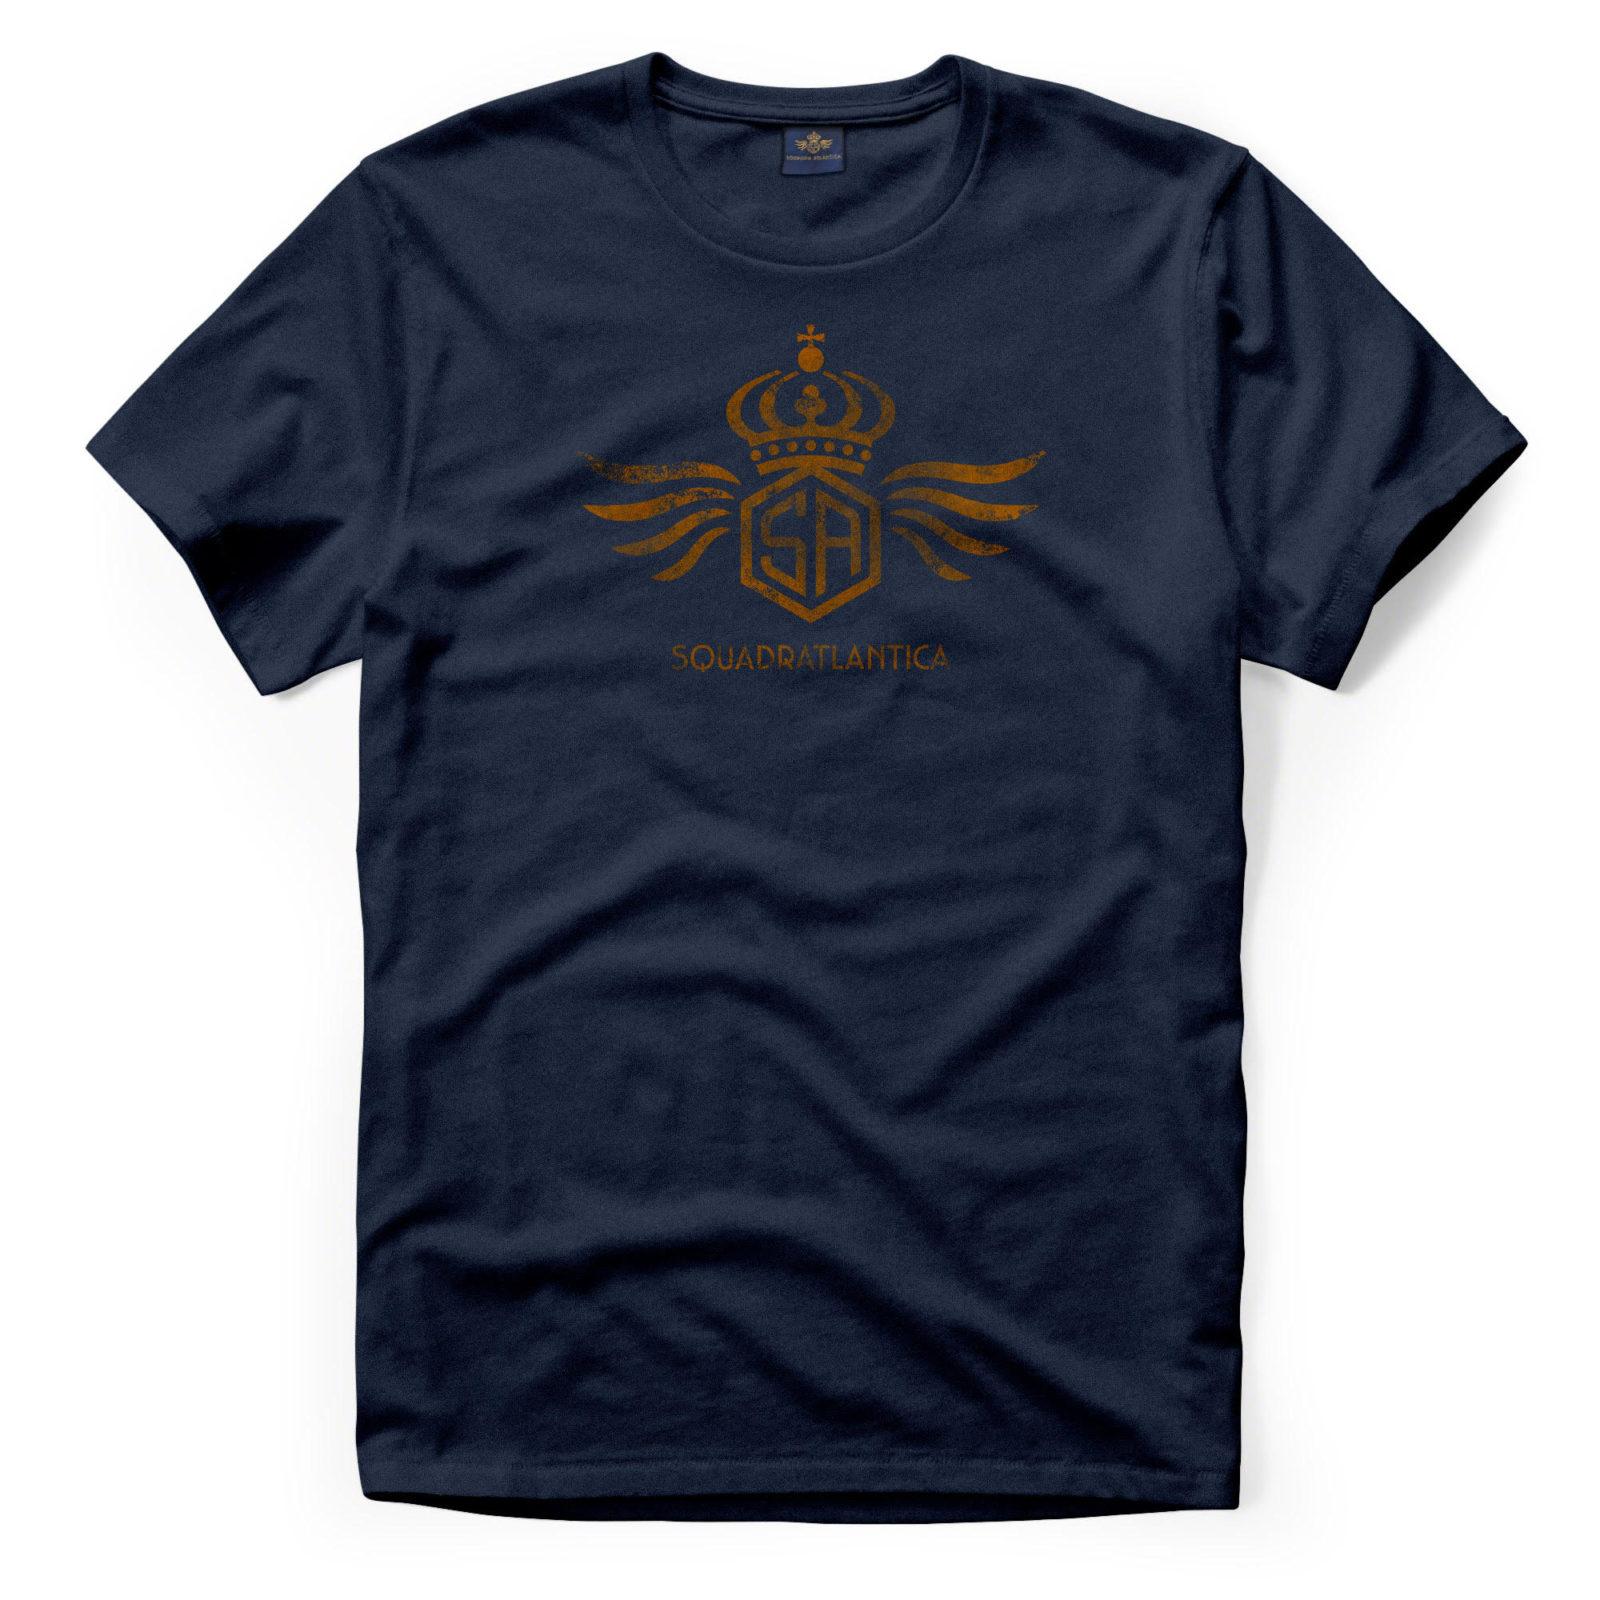 Tshirt Araldica Squadratlantica